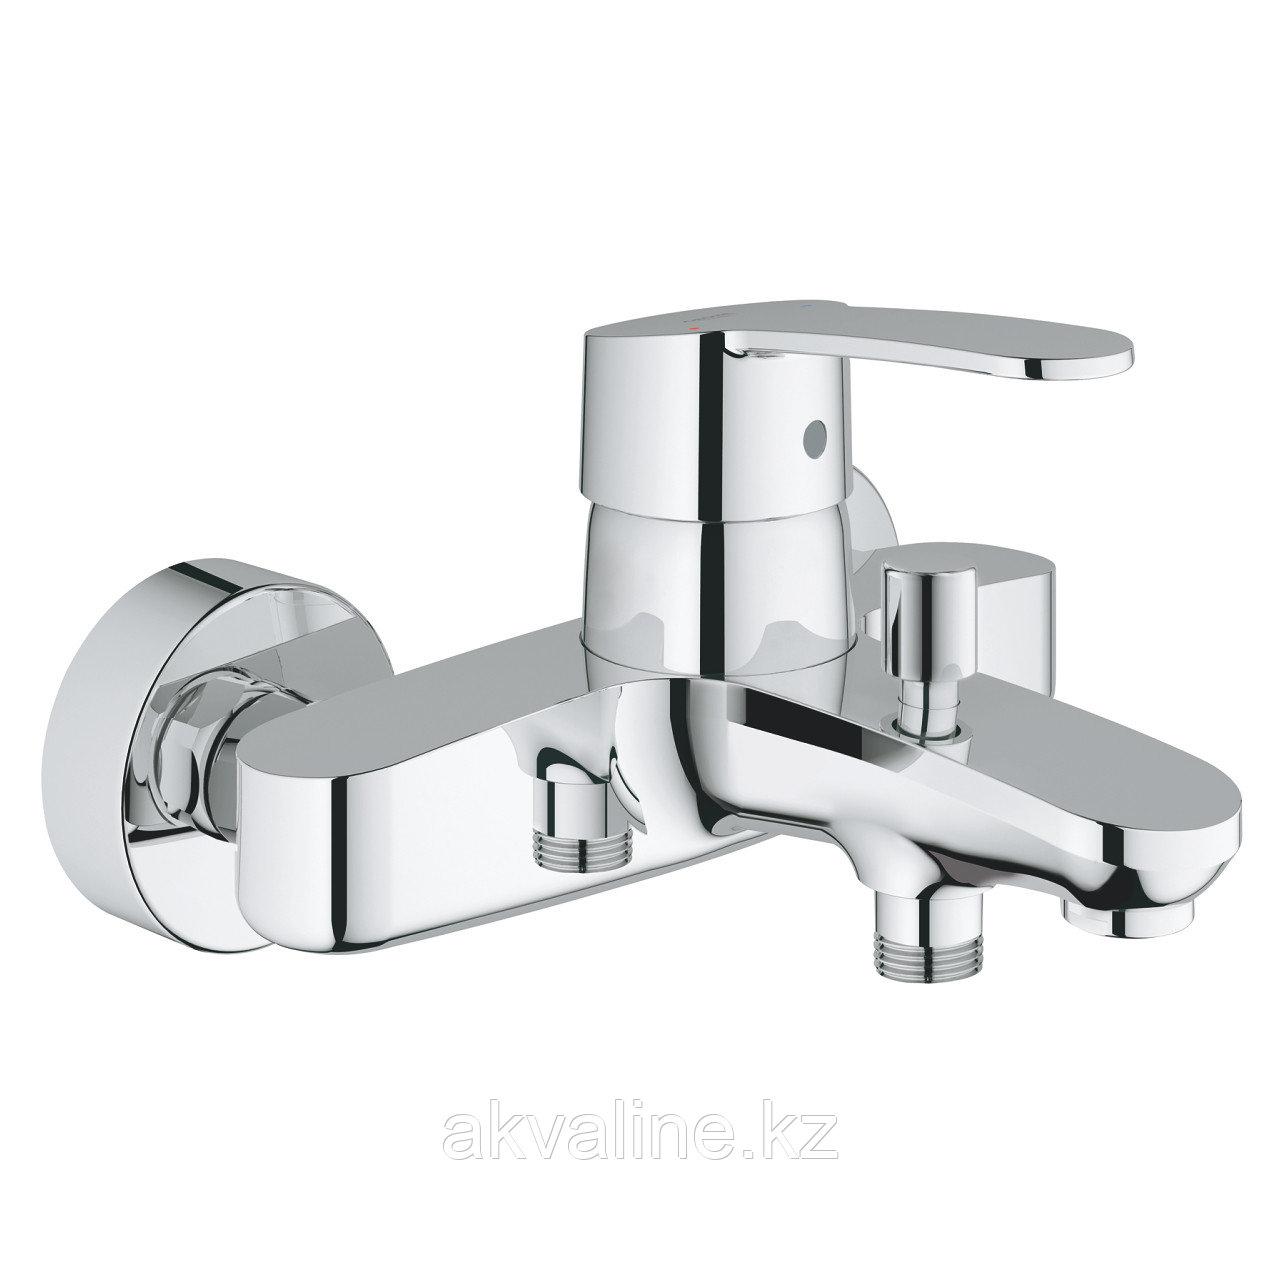 Комплект смеситель для ванны Eurostyle Cosmopolitan, душевая система NTempesta 200